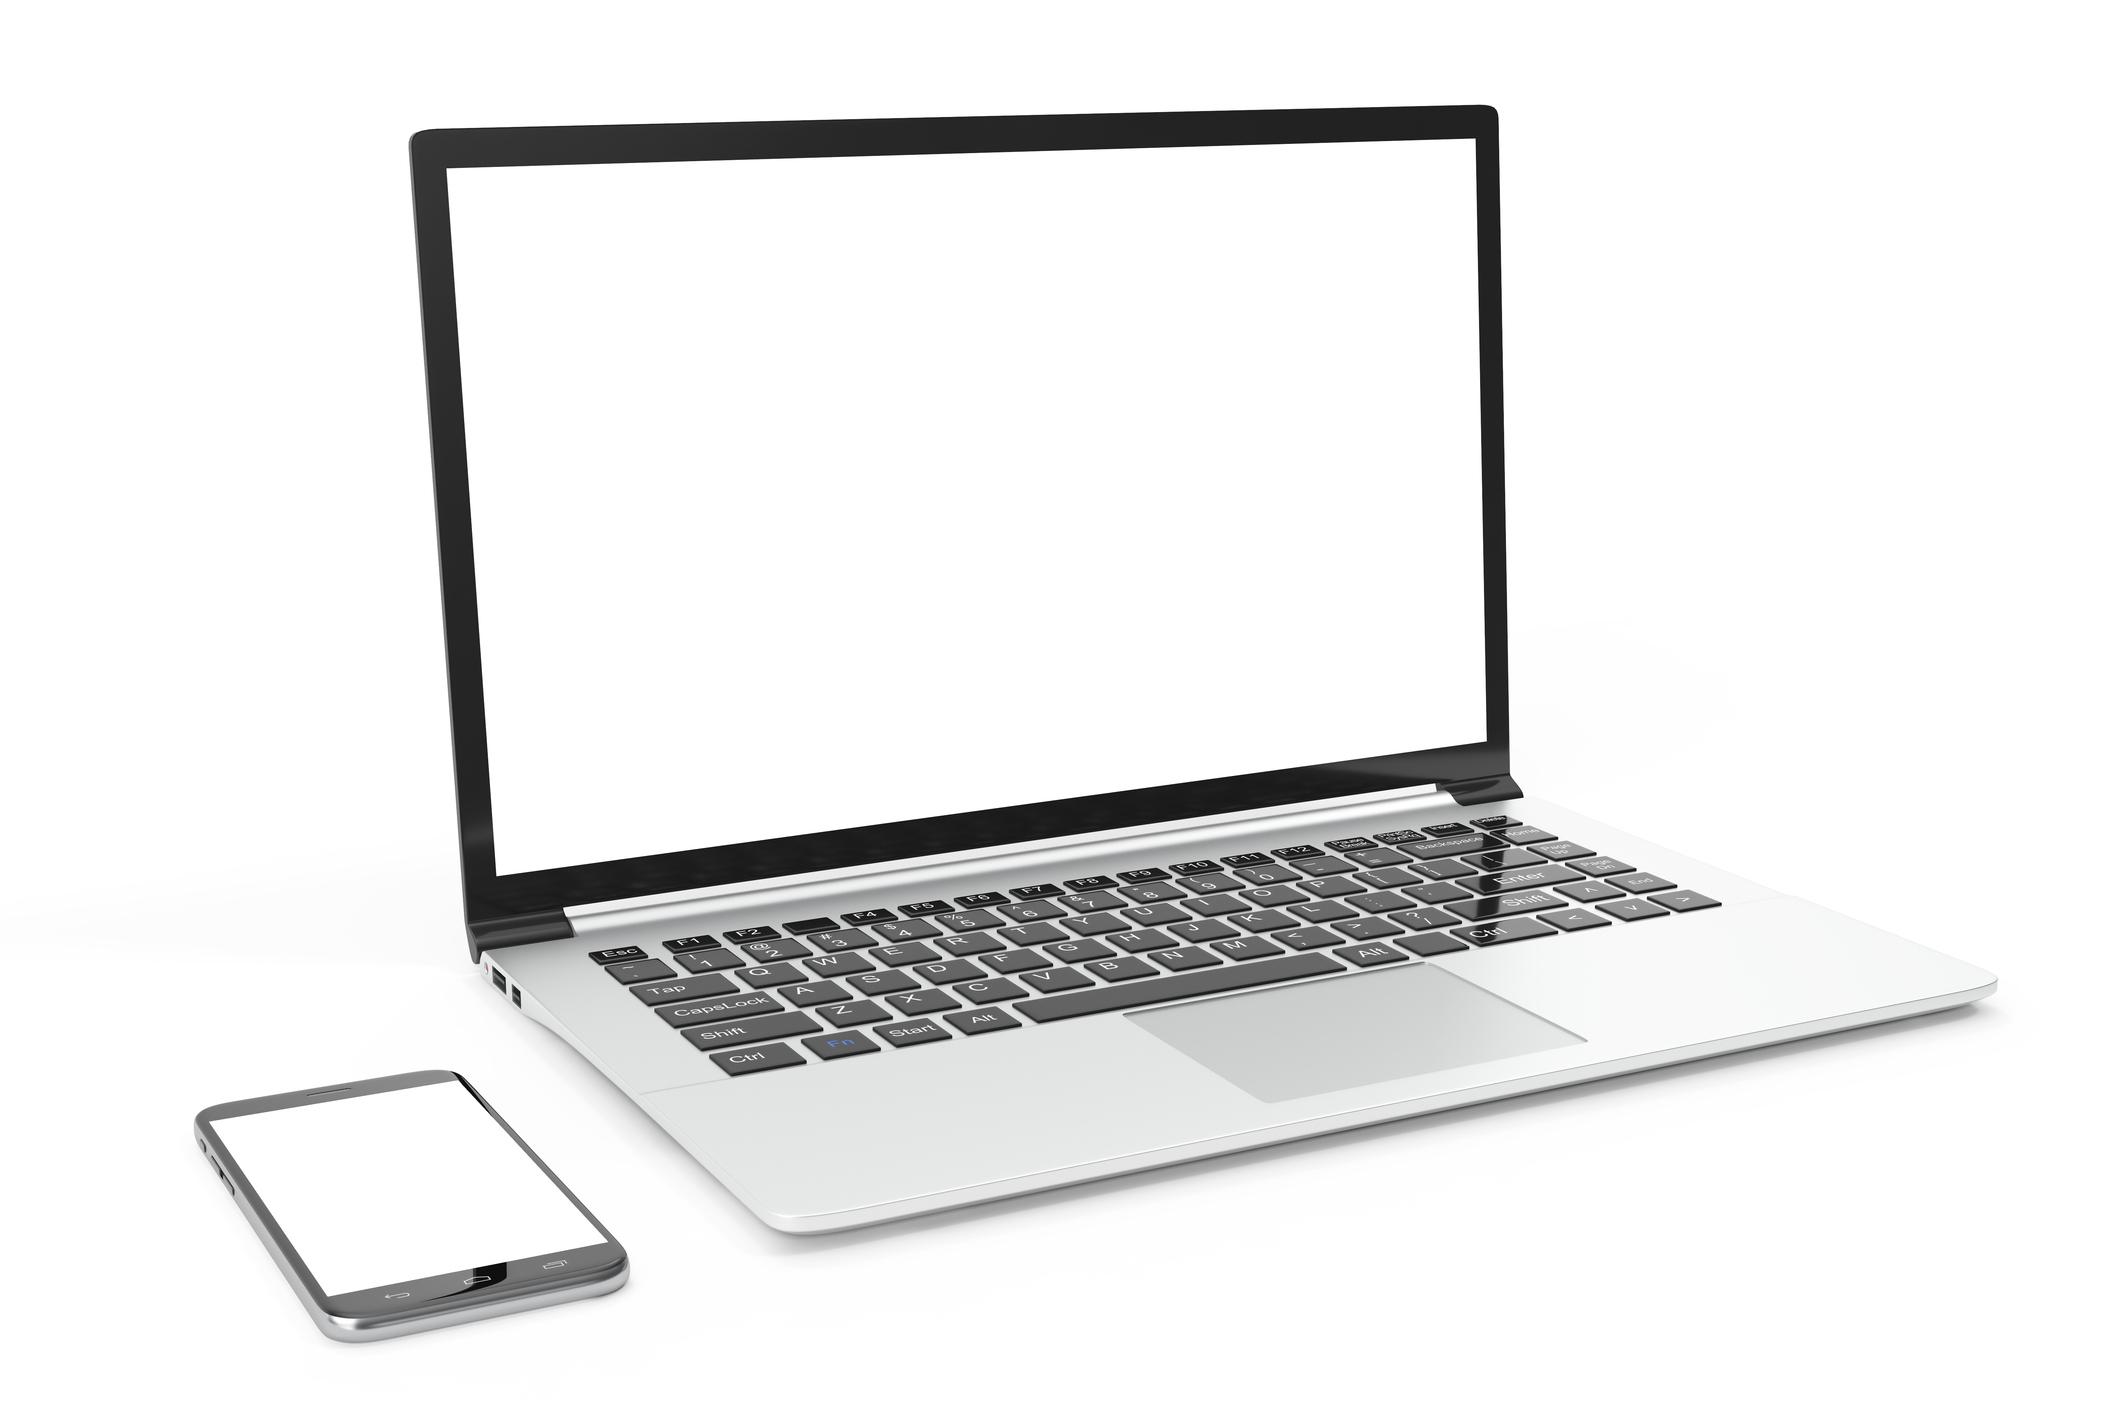 GettyImages-801815626 - smartphone laptop blank.jpg